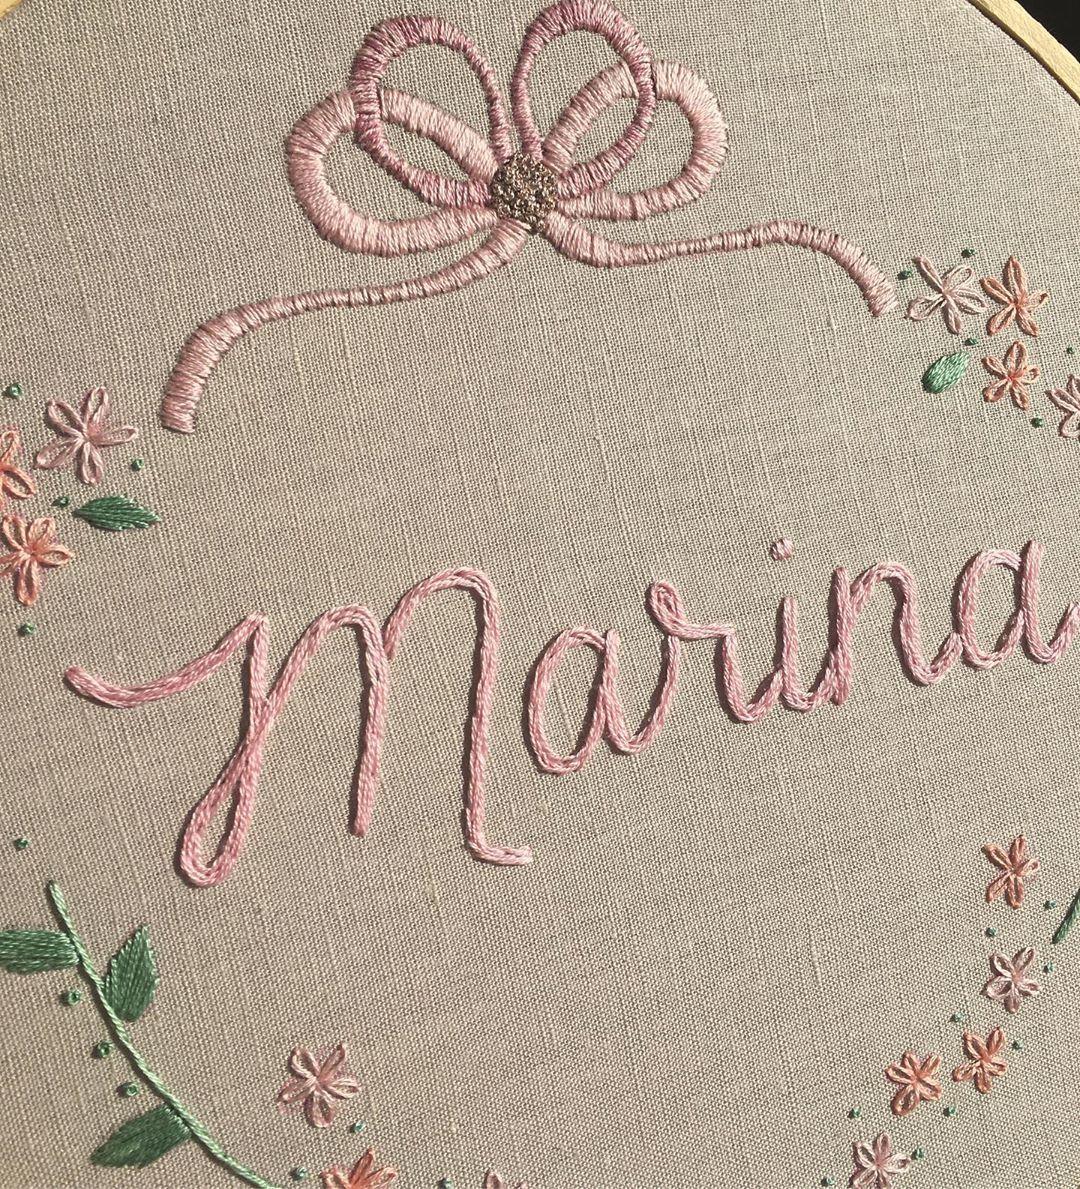 """Cerejinha Bordados on Instagram: """"Essa é a declaração de amor pra dar as boas vindas a Marina , muita delicadeza e muito amor envolvido 🥰 #cerejinhabordados…"""""""